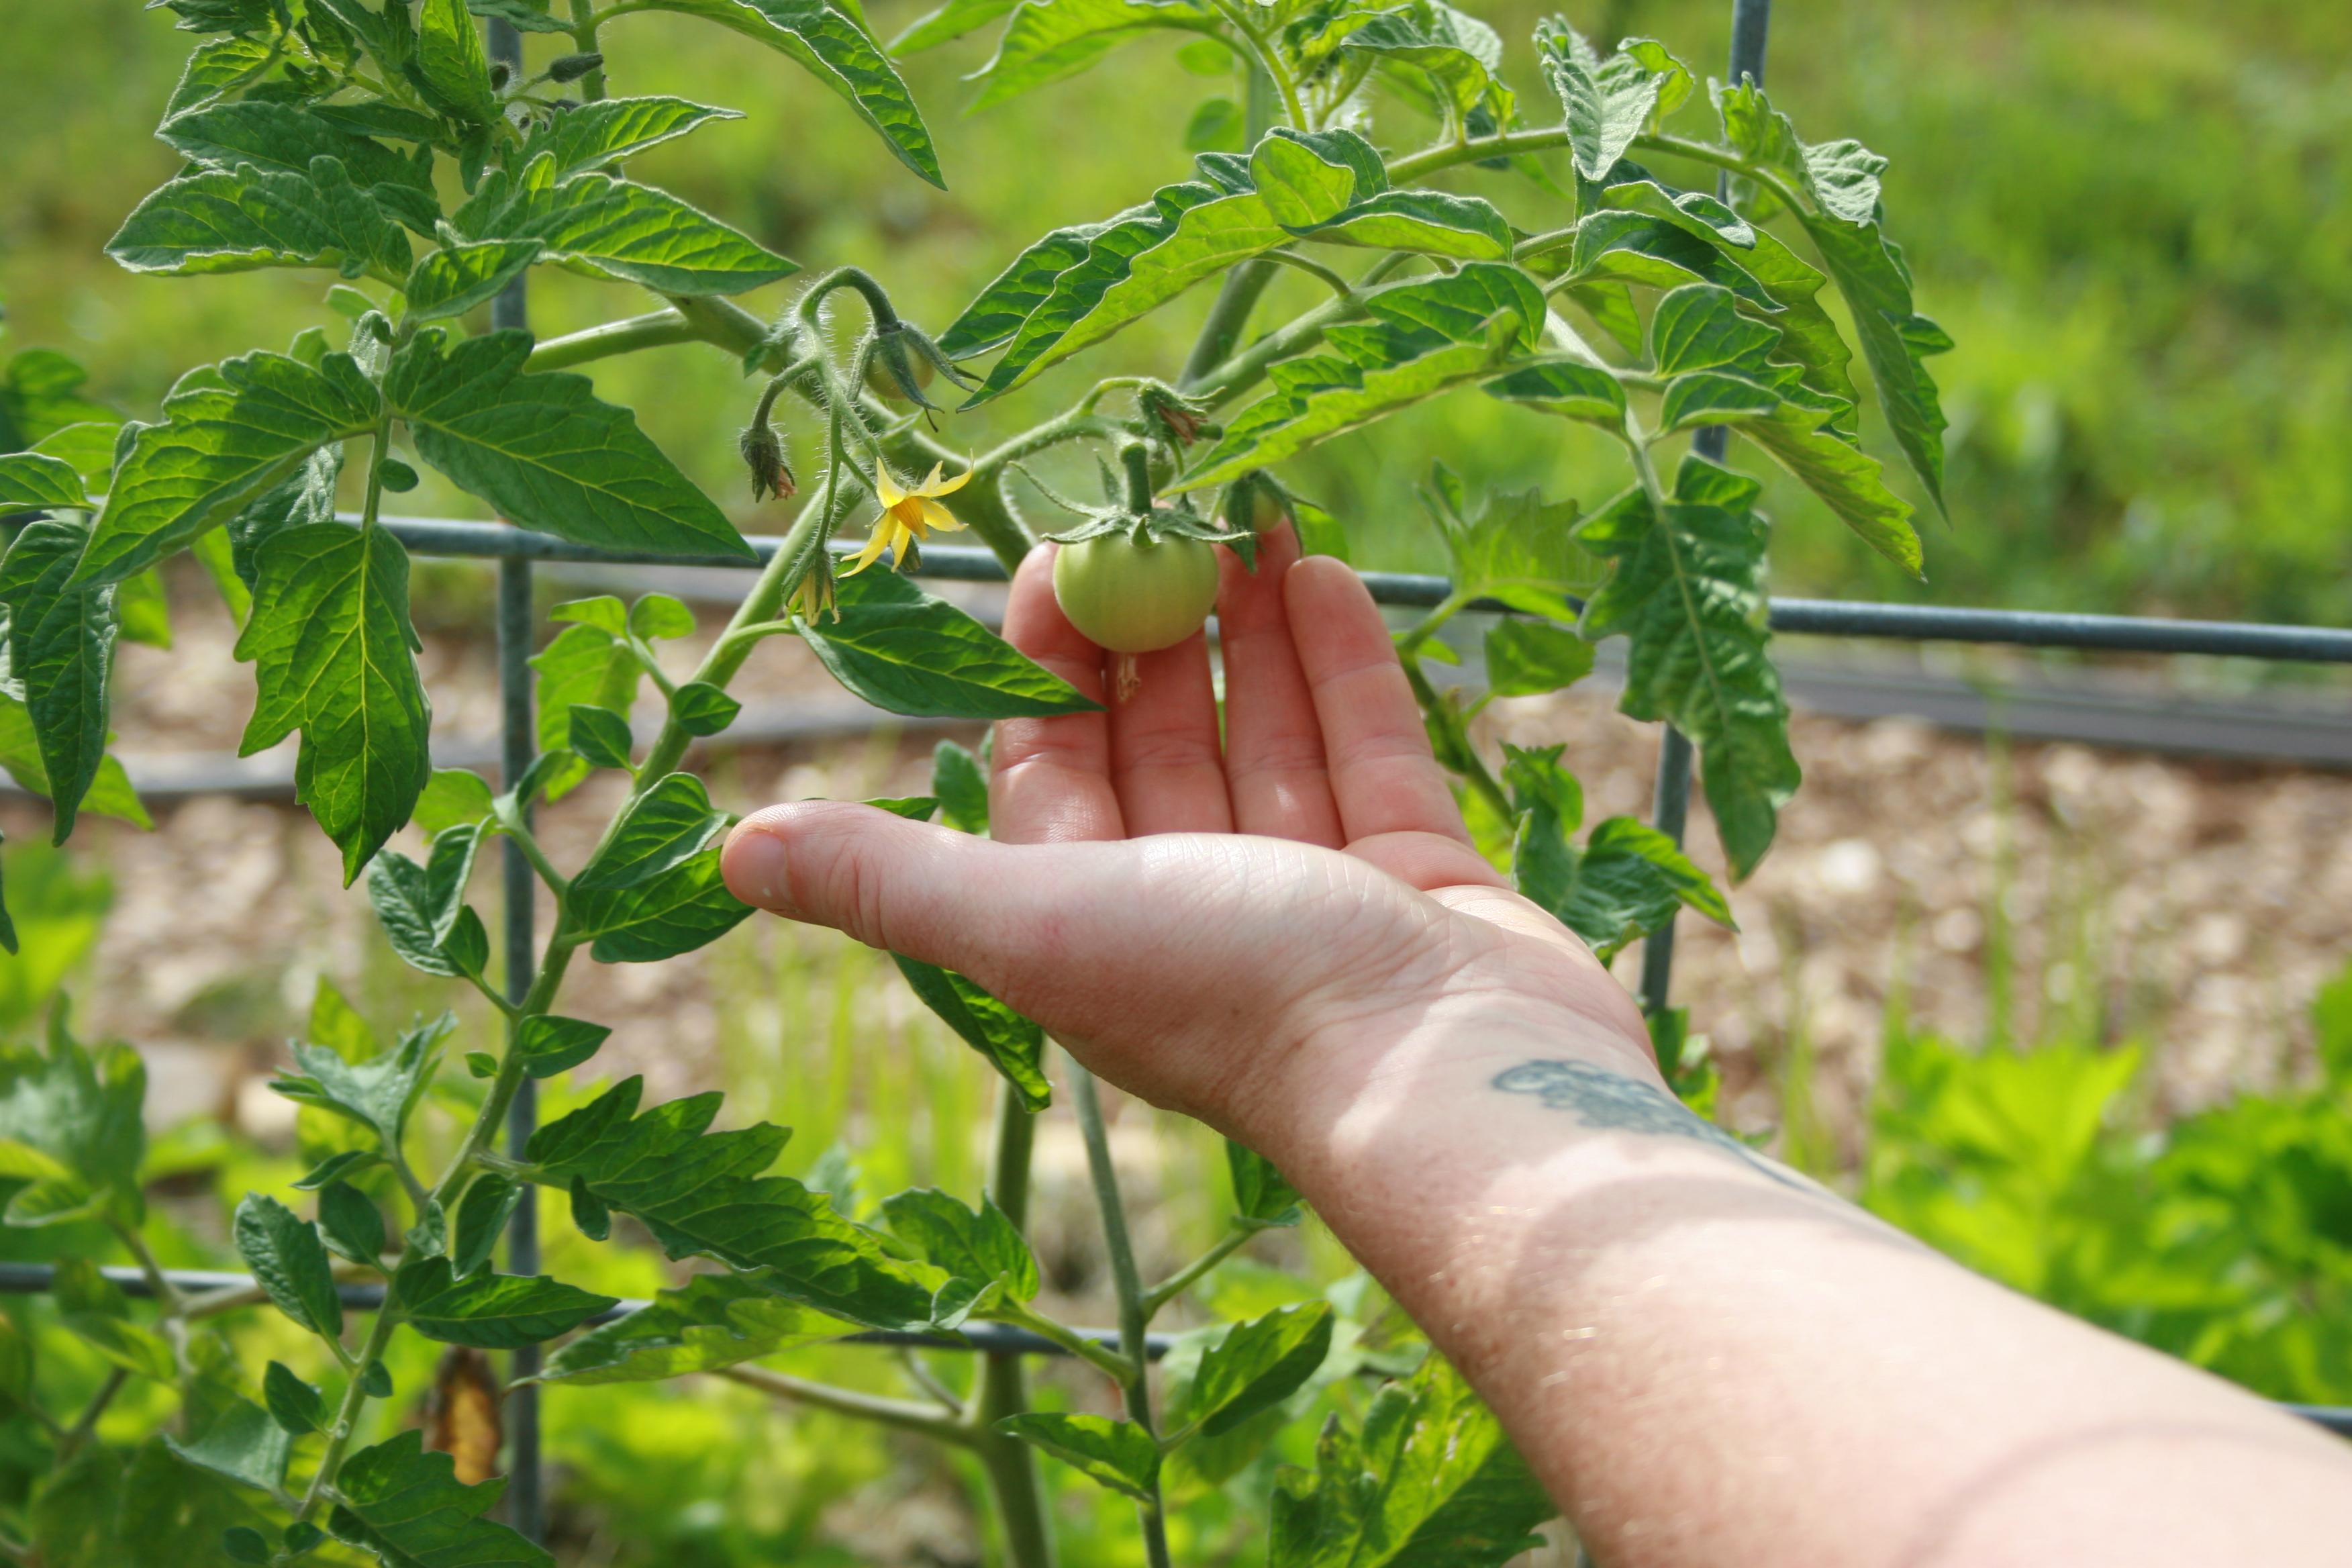 Hand on cherry tomato